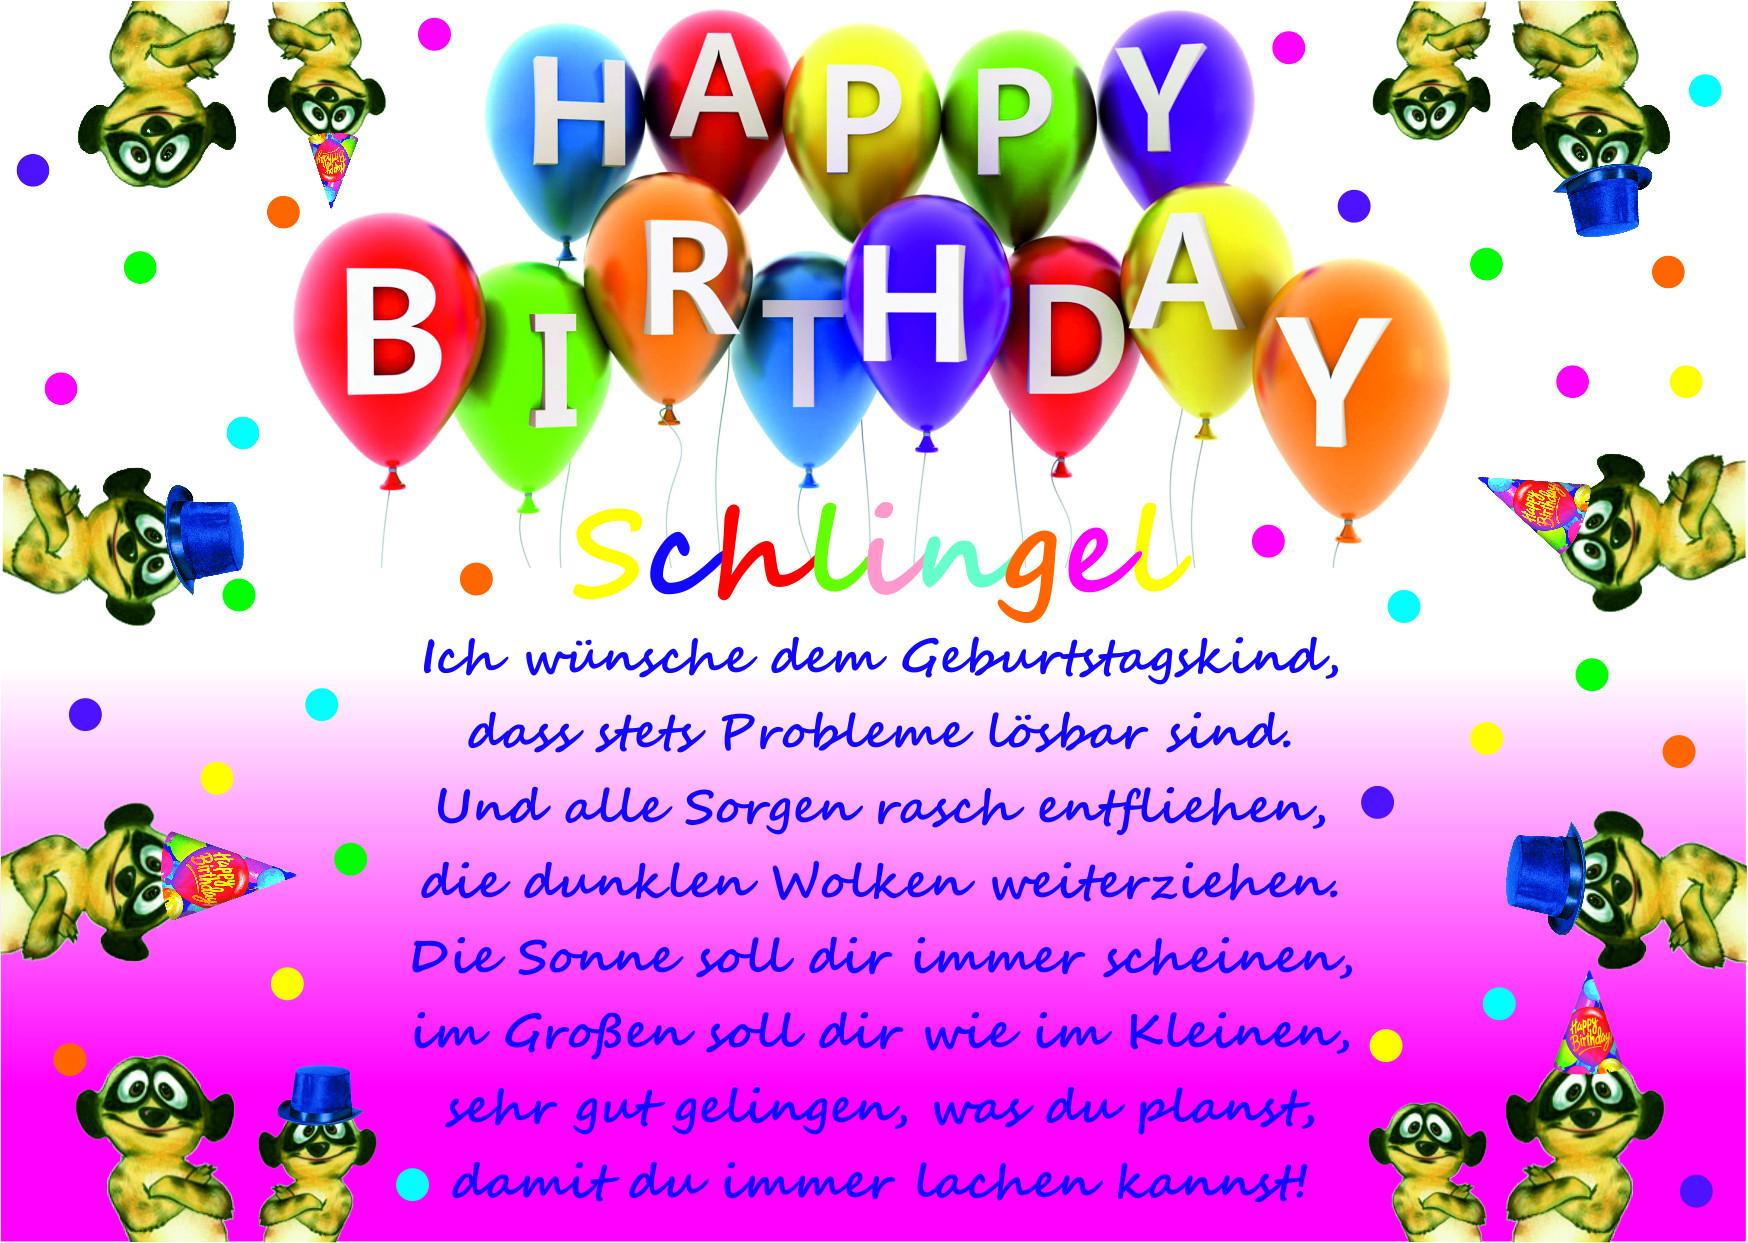 Geburtstagssprüche 1. Geburtstag  Geburtstagssprüche Für Bruder Zum 17 Geburtstagstorten